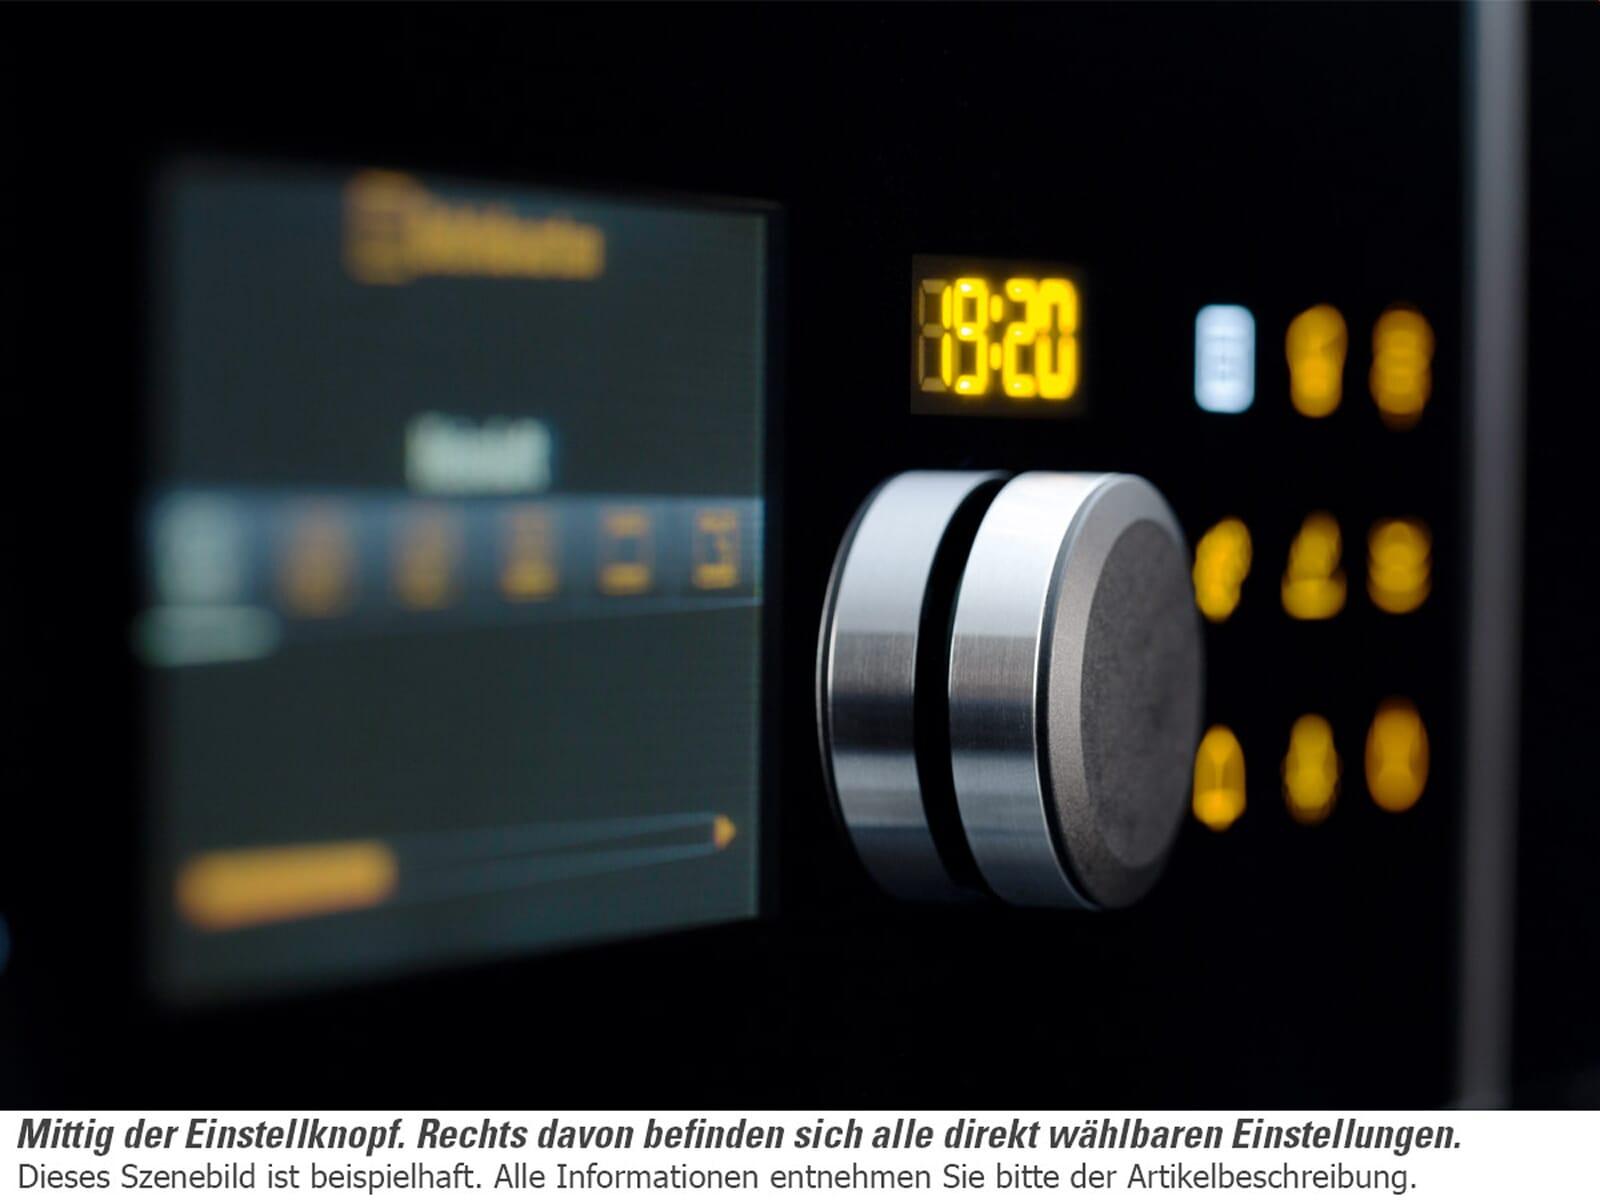 V-ZUG Combair XSL Kompakt Backofen Spiegelglas